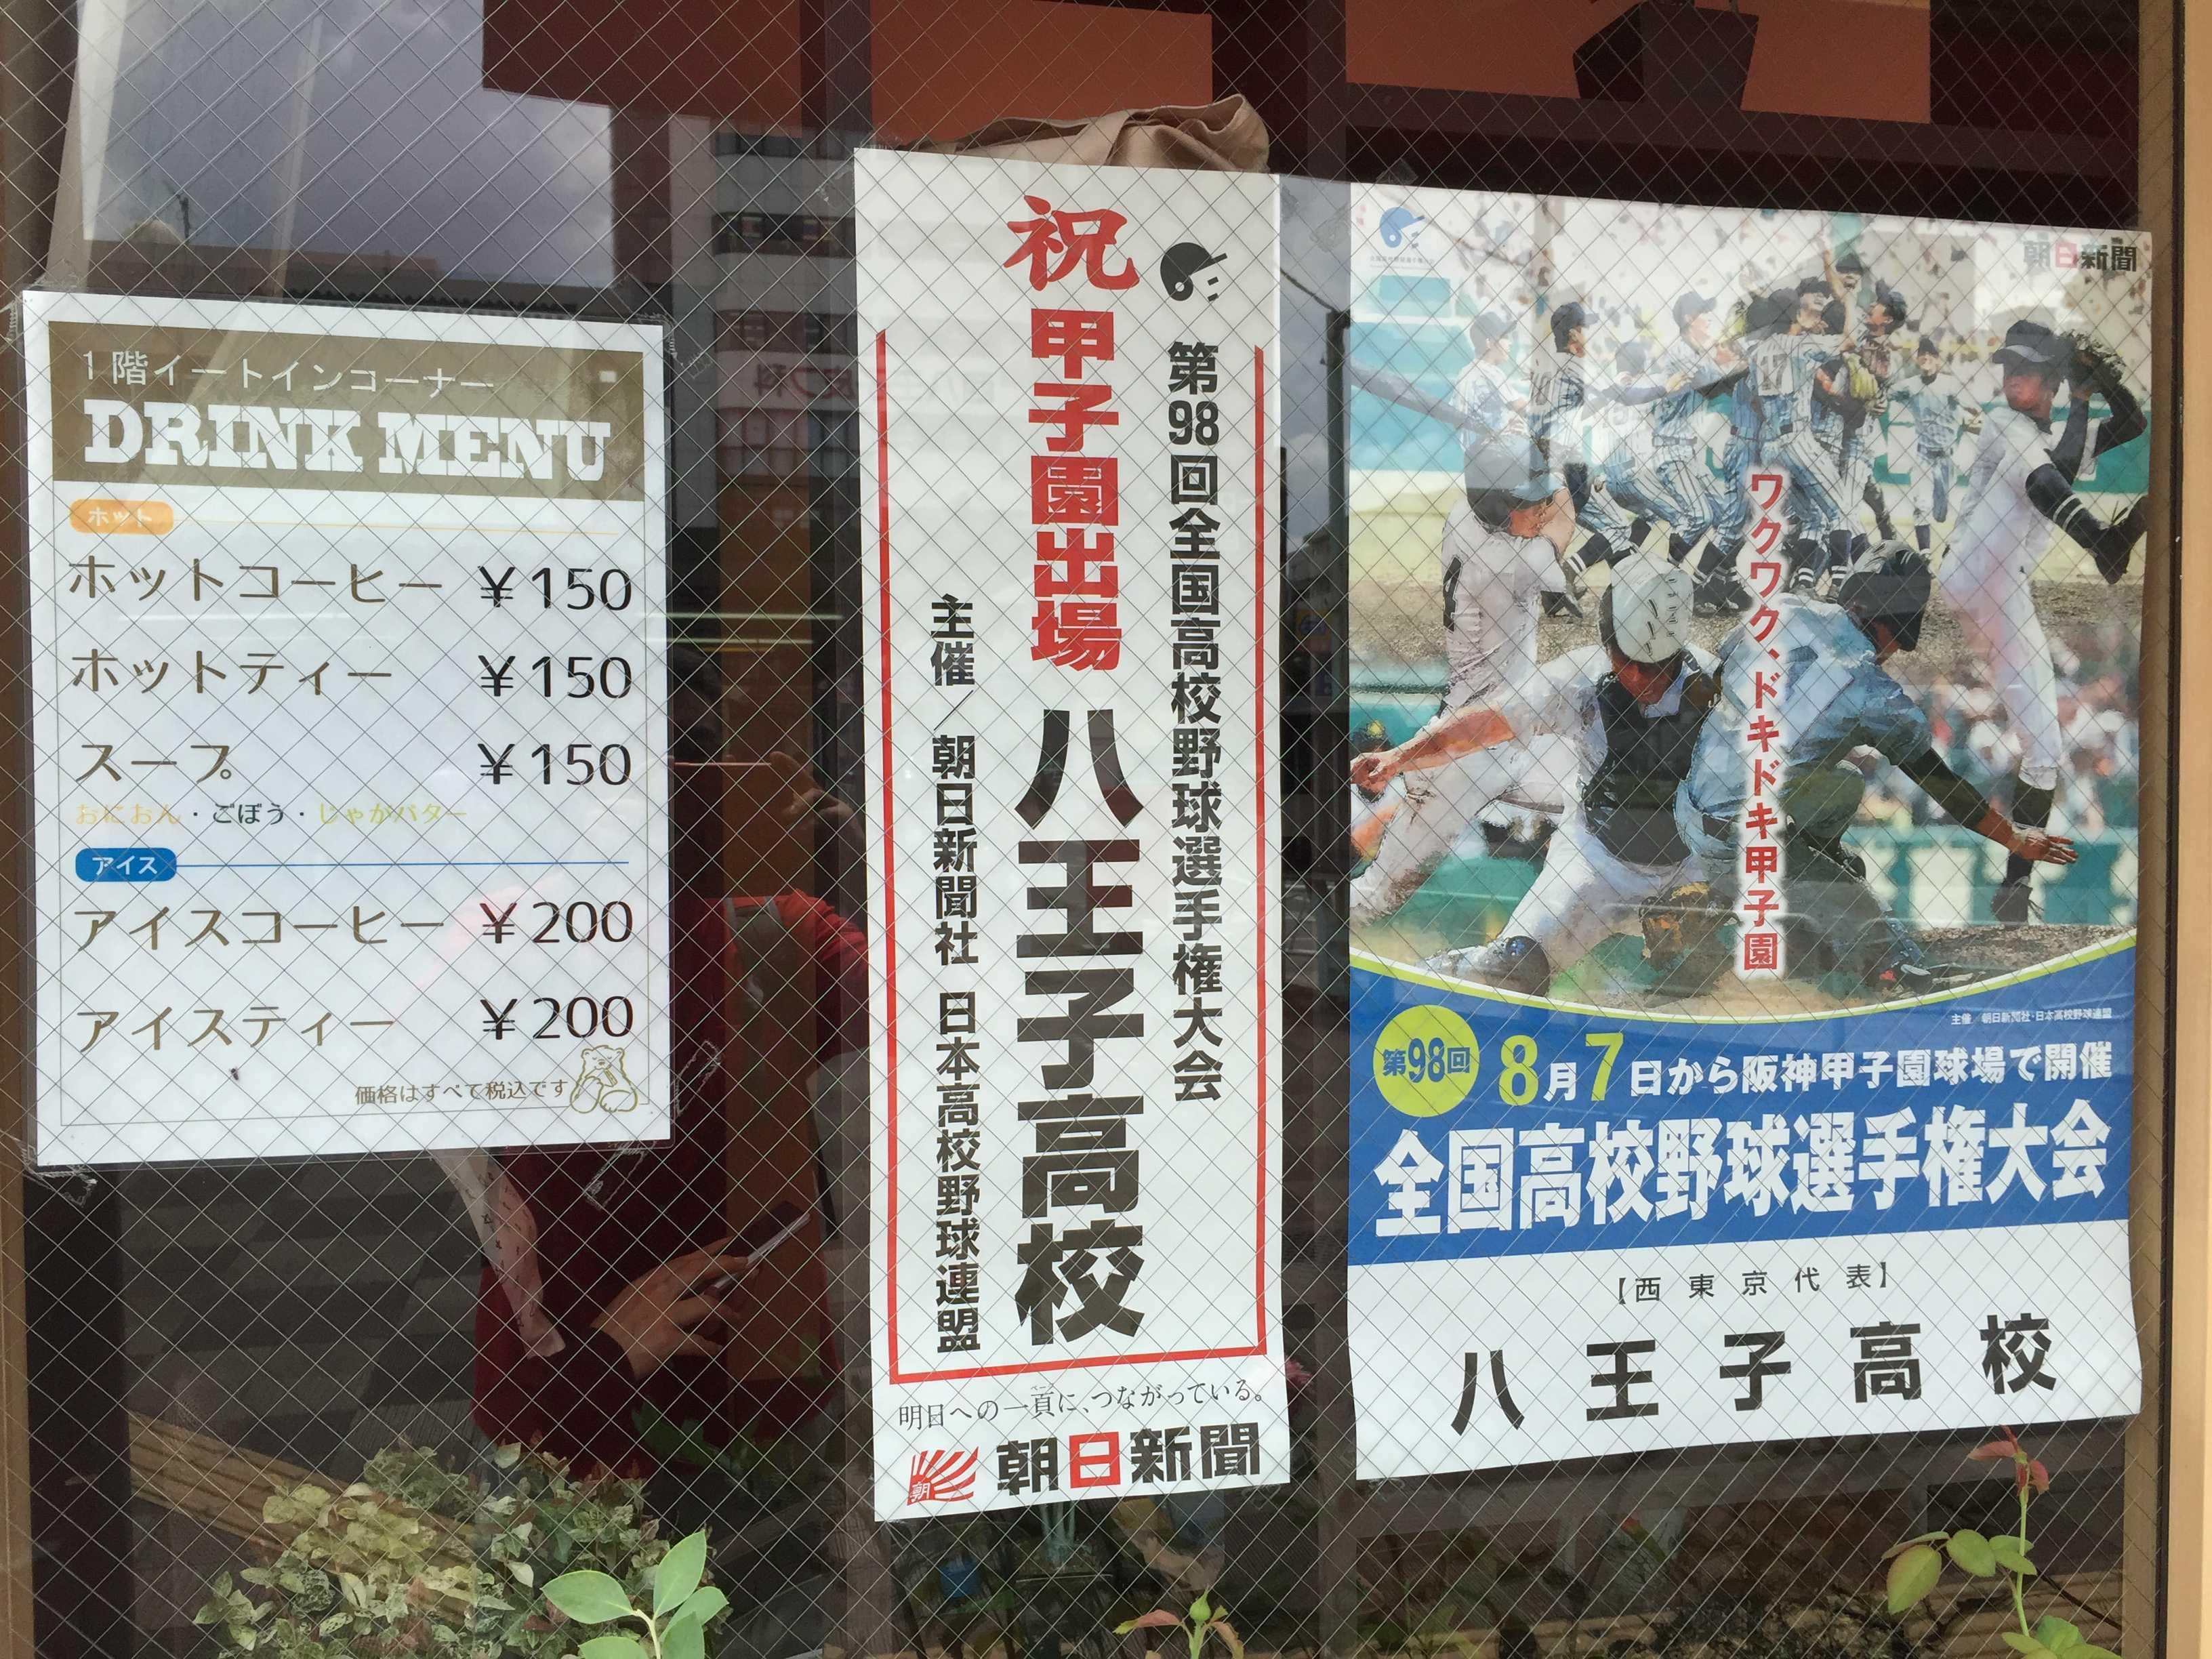 西八の喫茶店にも 「西東京代表 八王子高校」